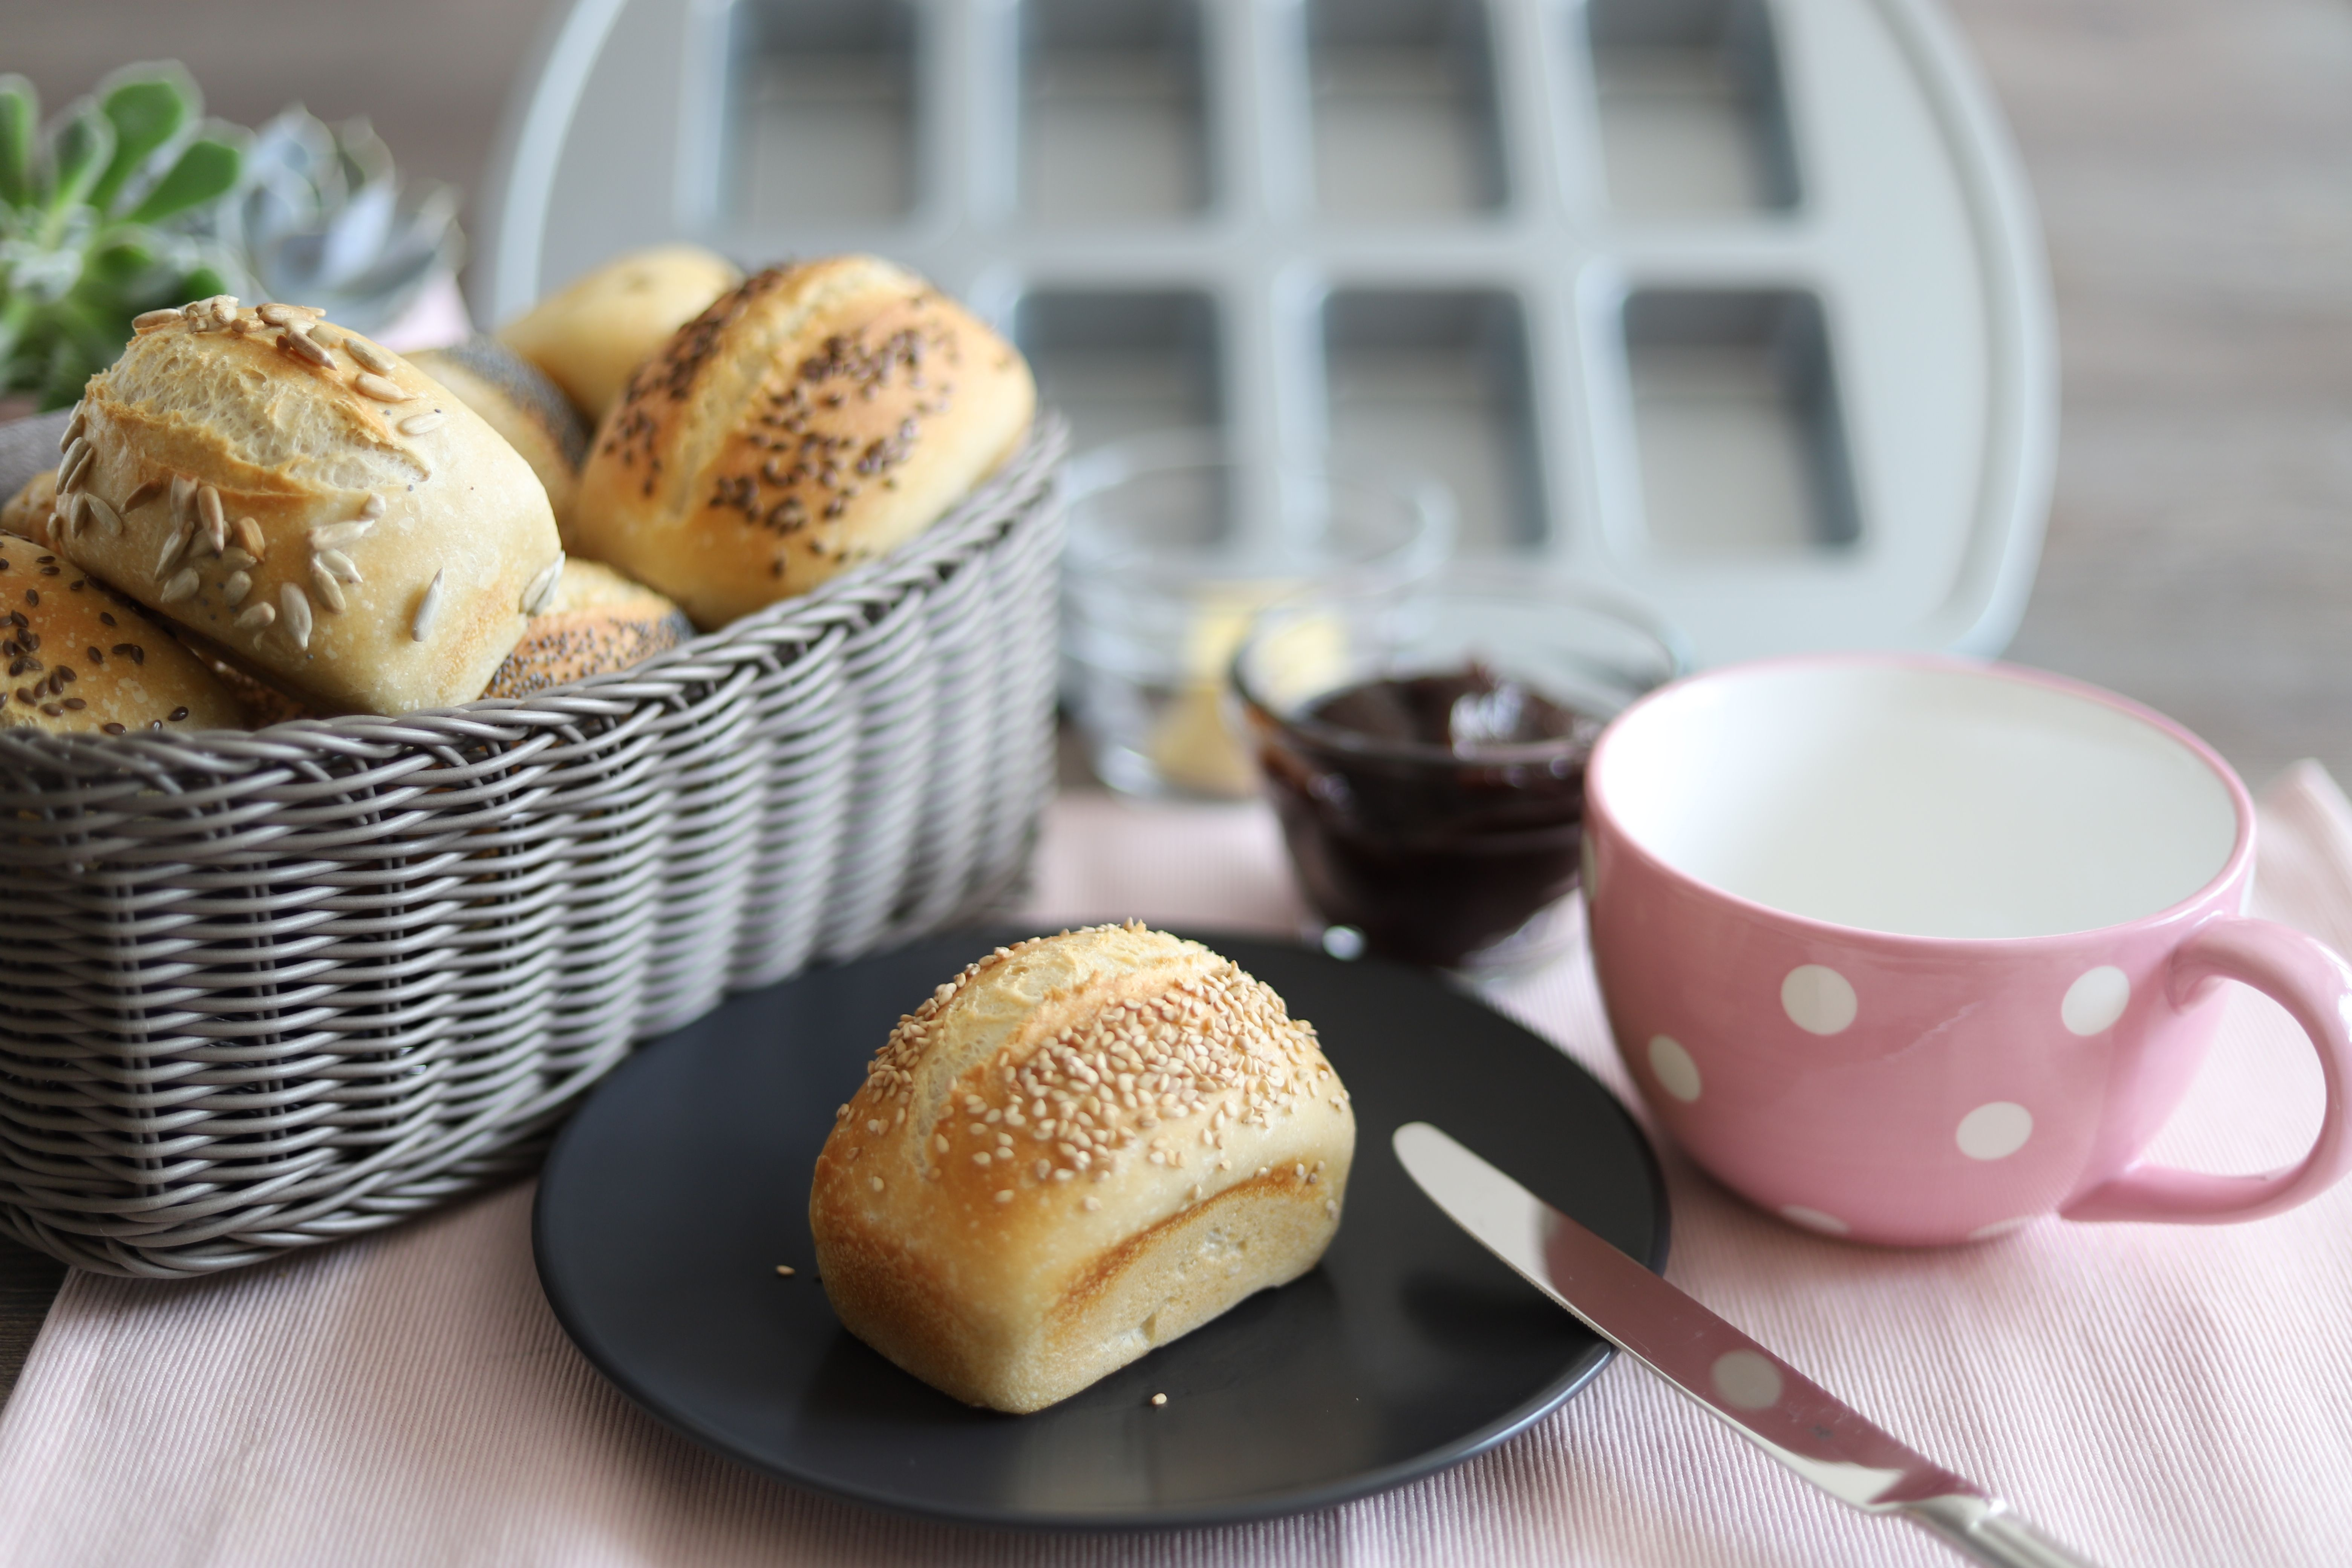 Ubernacht Brotchen In Der Mini Kuchen Form Von Pampered Chef Brot Selber Backen Rezept Mini Kuchen Pampered Chef